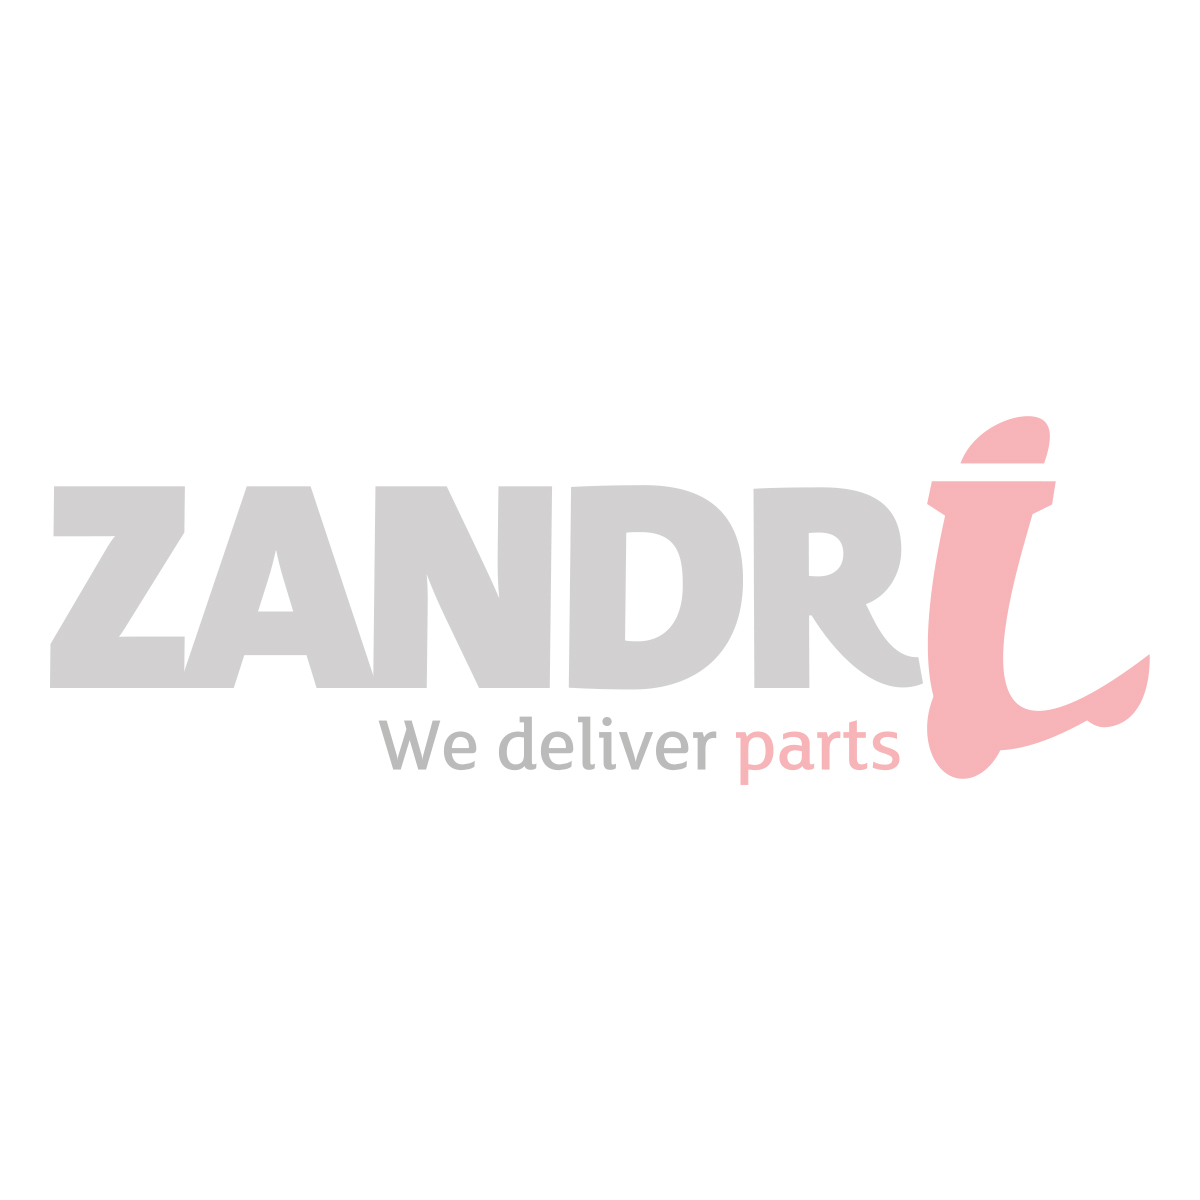 Binnenpoot Zundapp oud type model: 517 z517-12.628